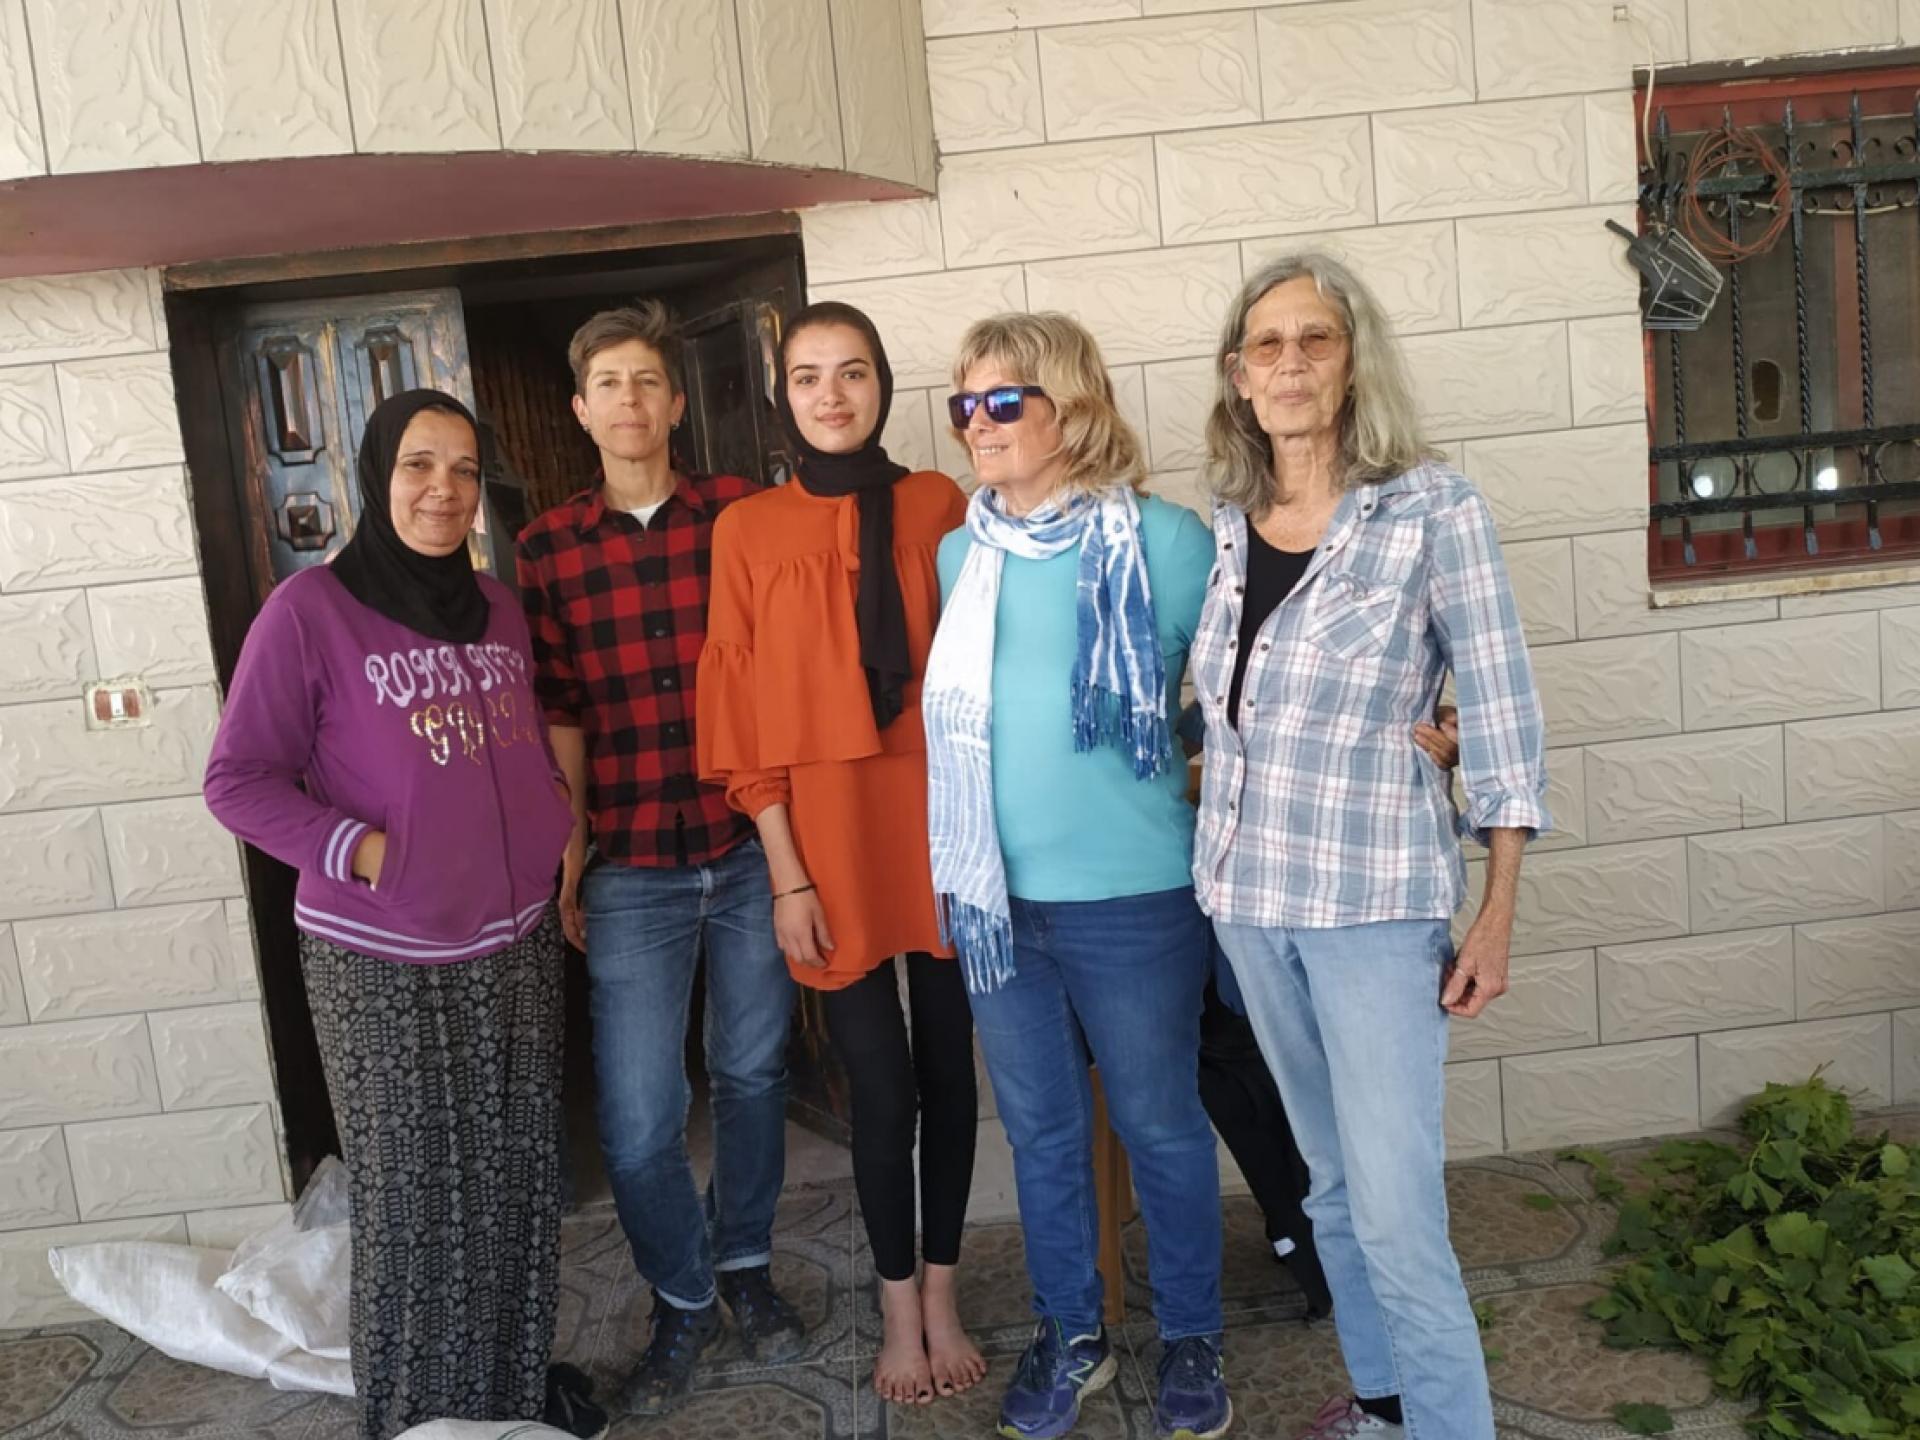 חמש נשים בפתח הבית